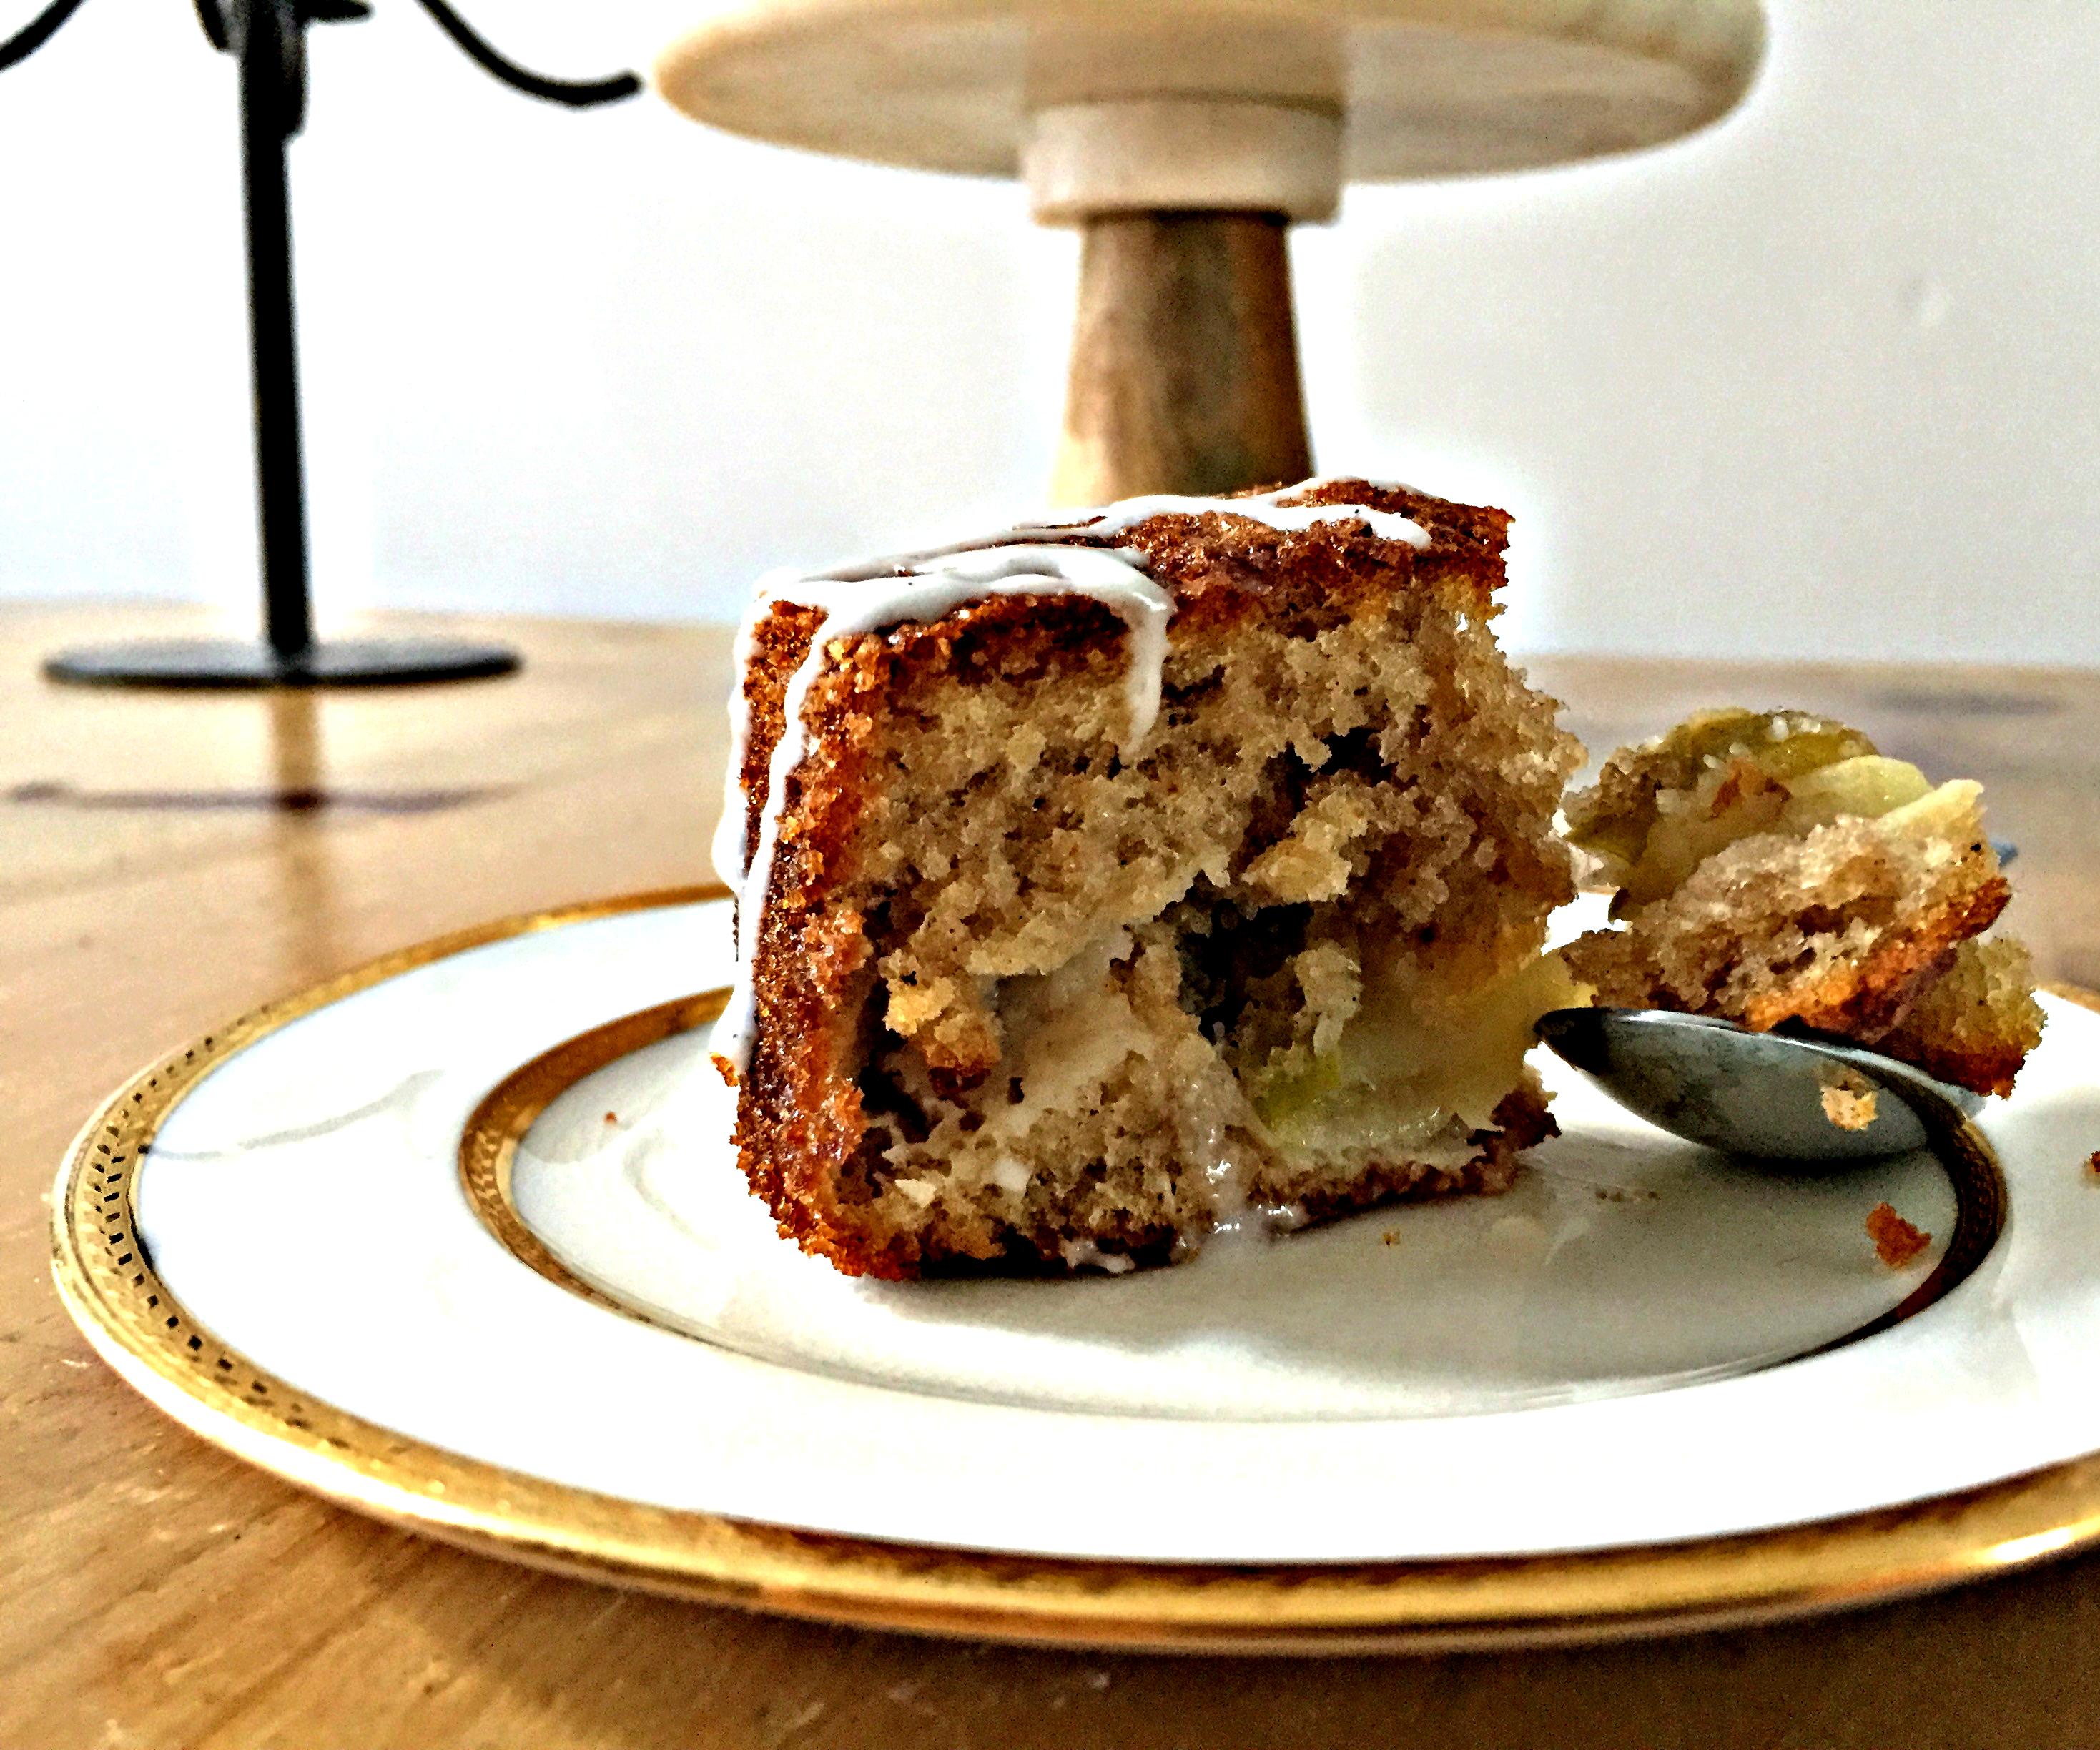 Spiced Apple Cake With a Vanilla Bean Glaze